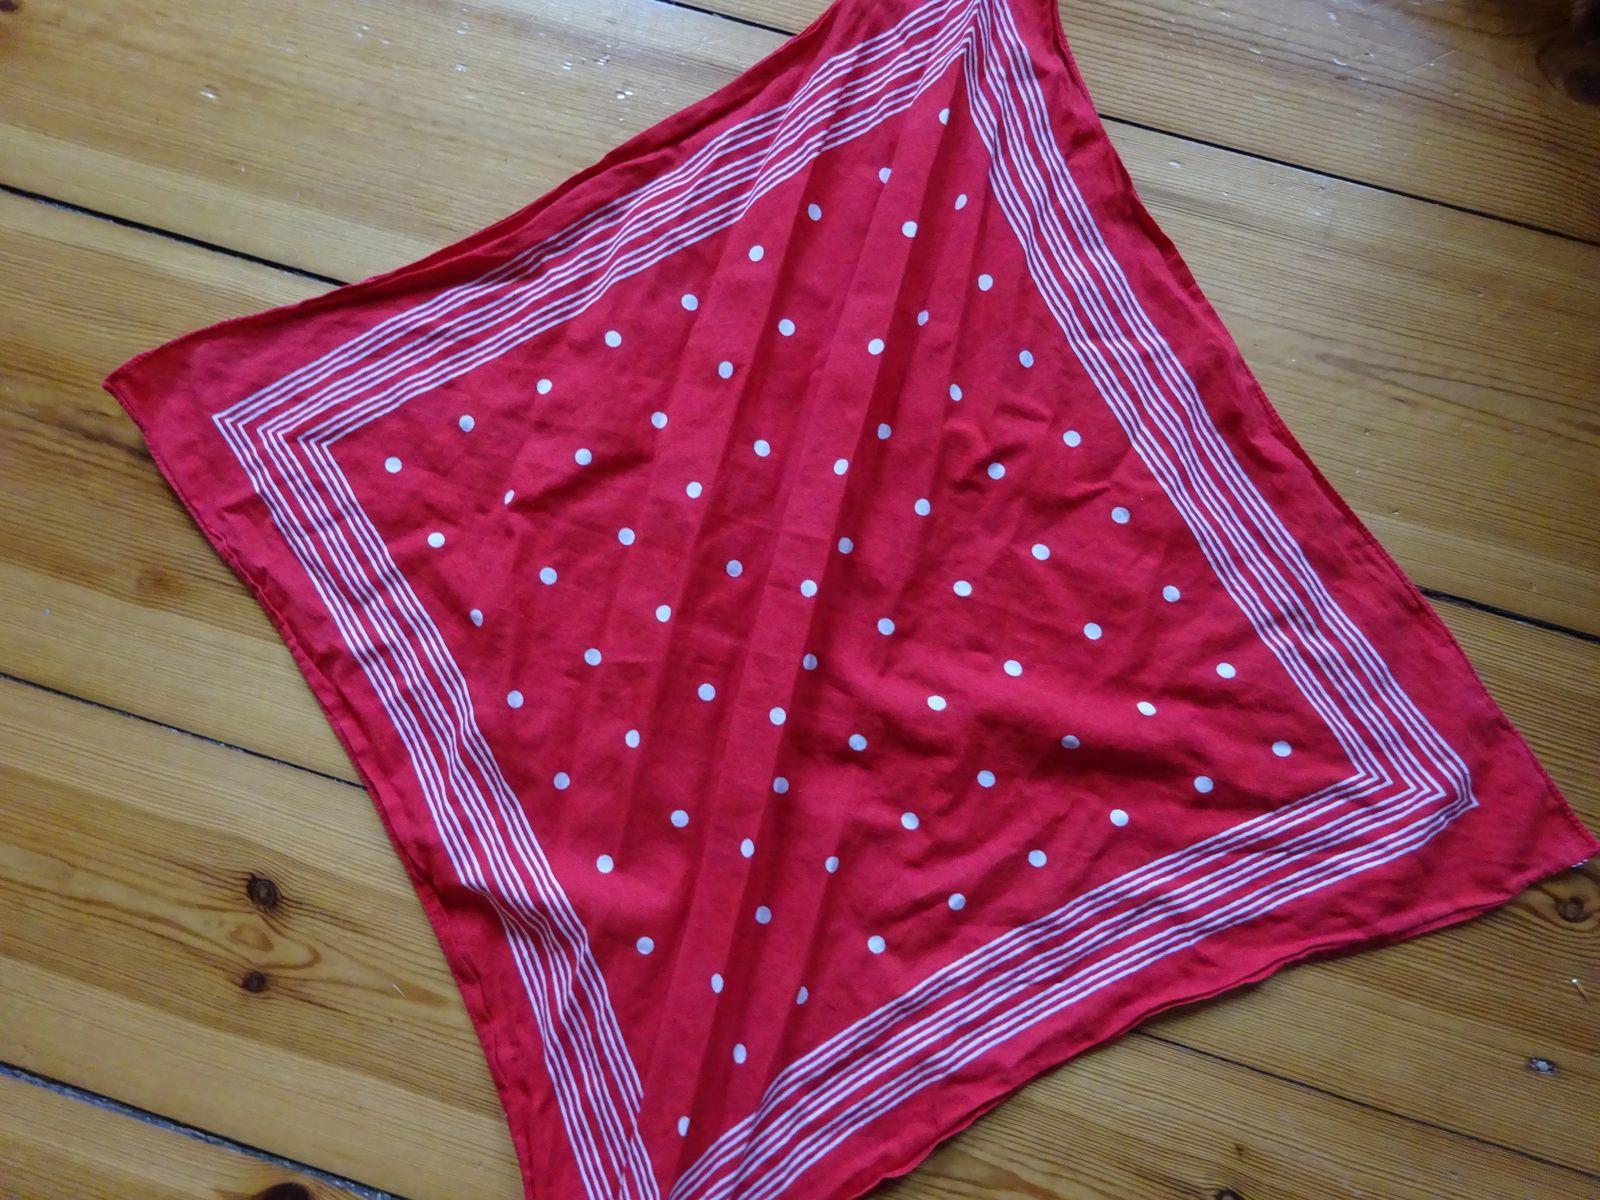 Hier noch eine rote Variante des Tuchs von oben